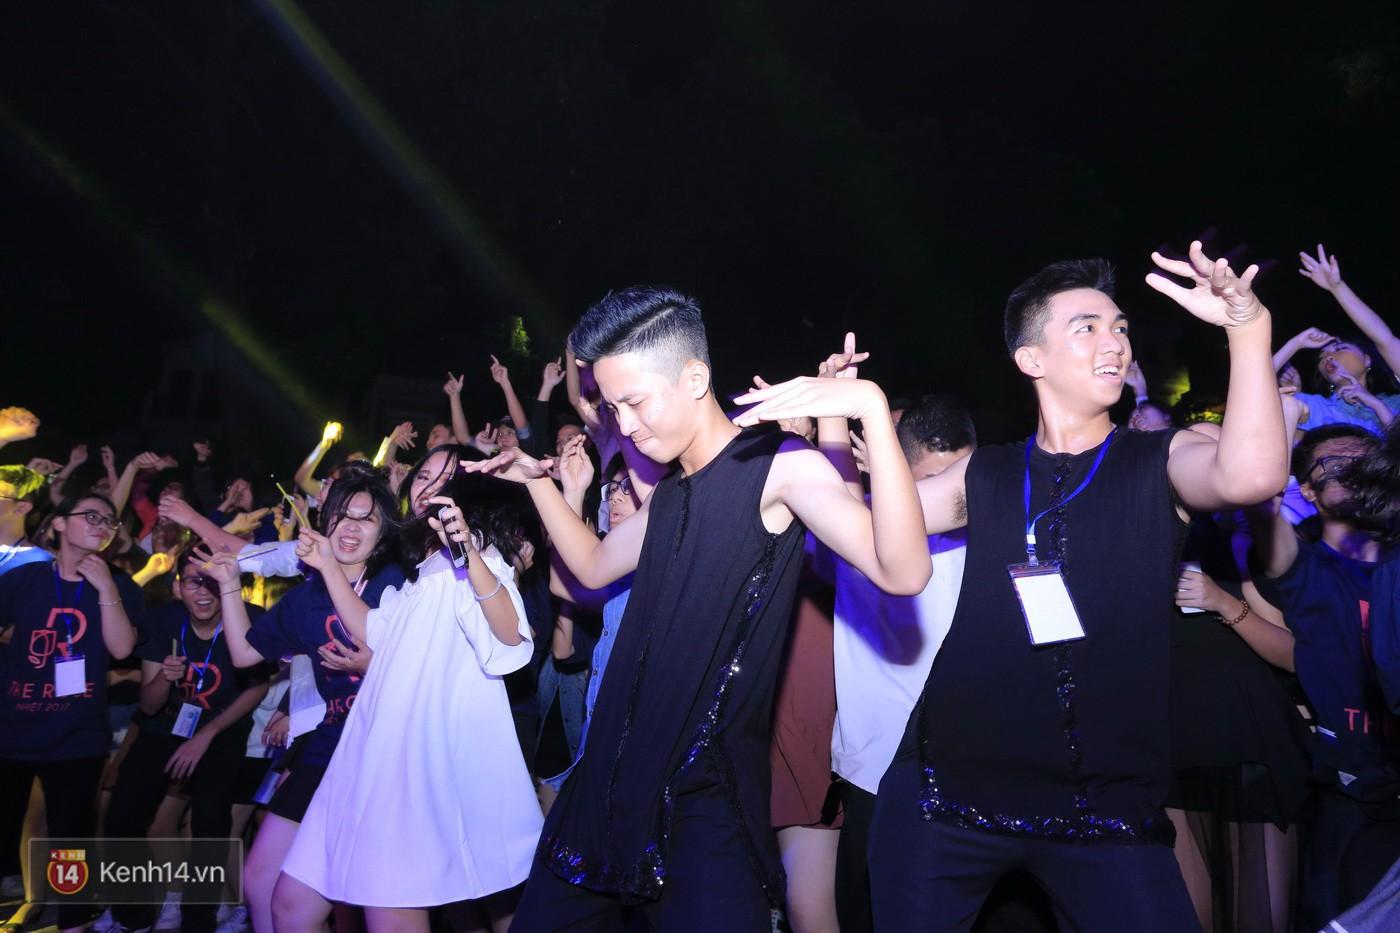 Trai xinh gái đẹp trường Lê Quý Đôn (Hà Nội) quẩy tưng bừng trong prom chào mừng 20/11 - Ảnh 17.